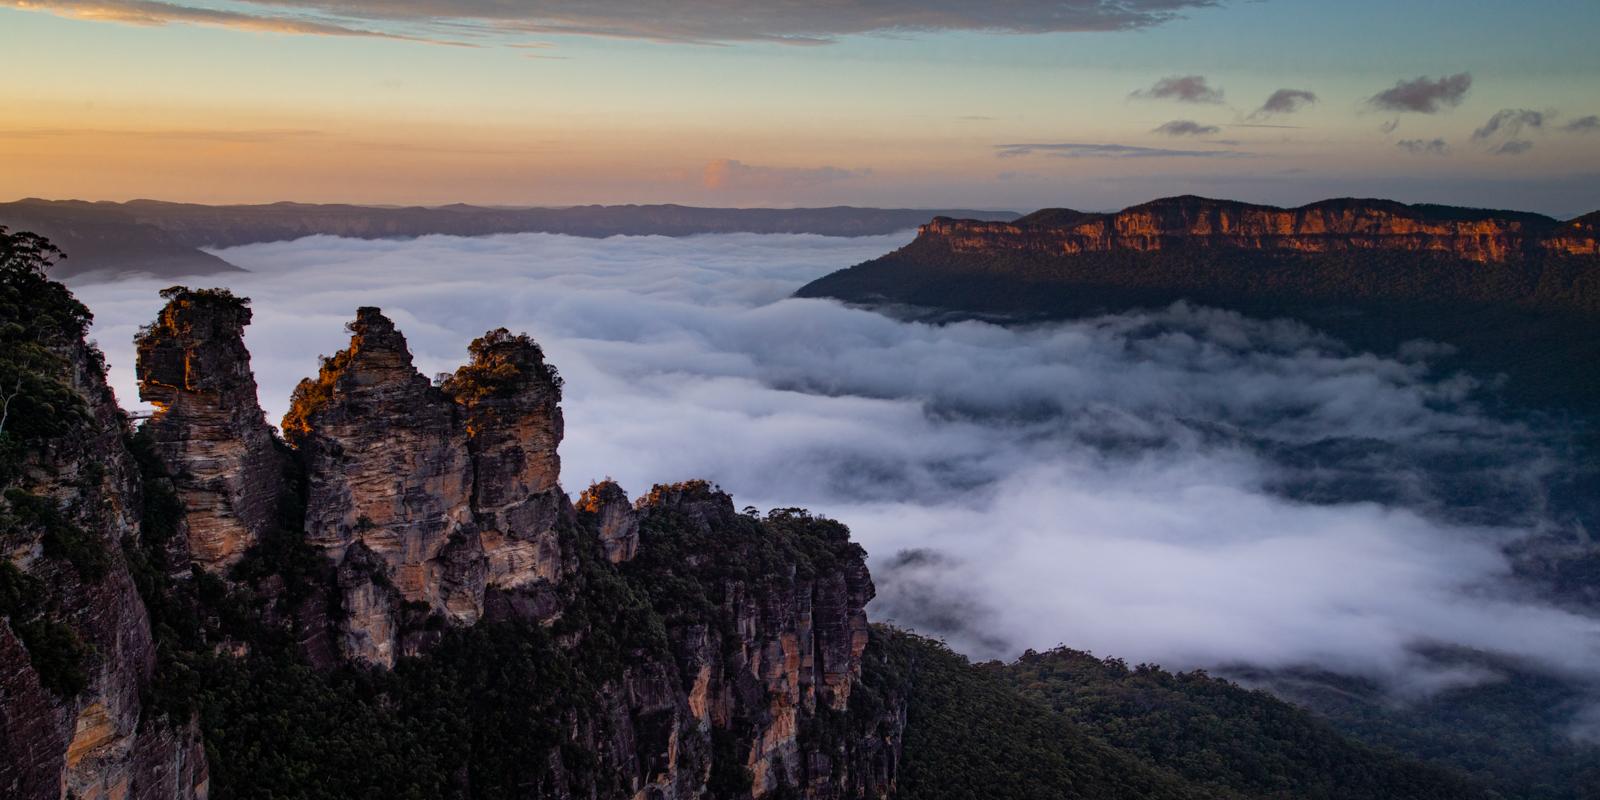 <h5>Sunrise - Echo Point, Blue Mountains - Austrailia</h5><p>By Steve Bancroft</p>